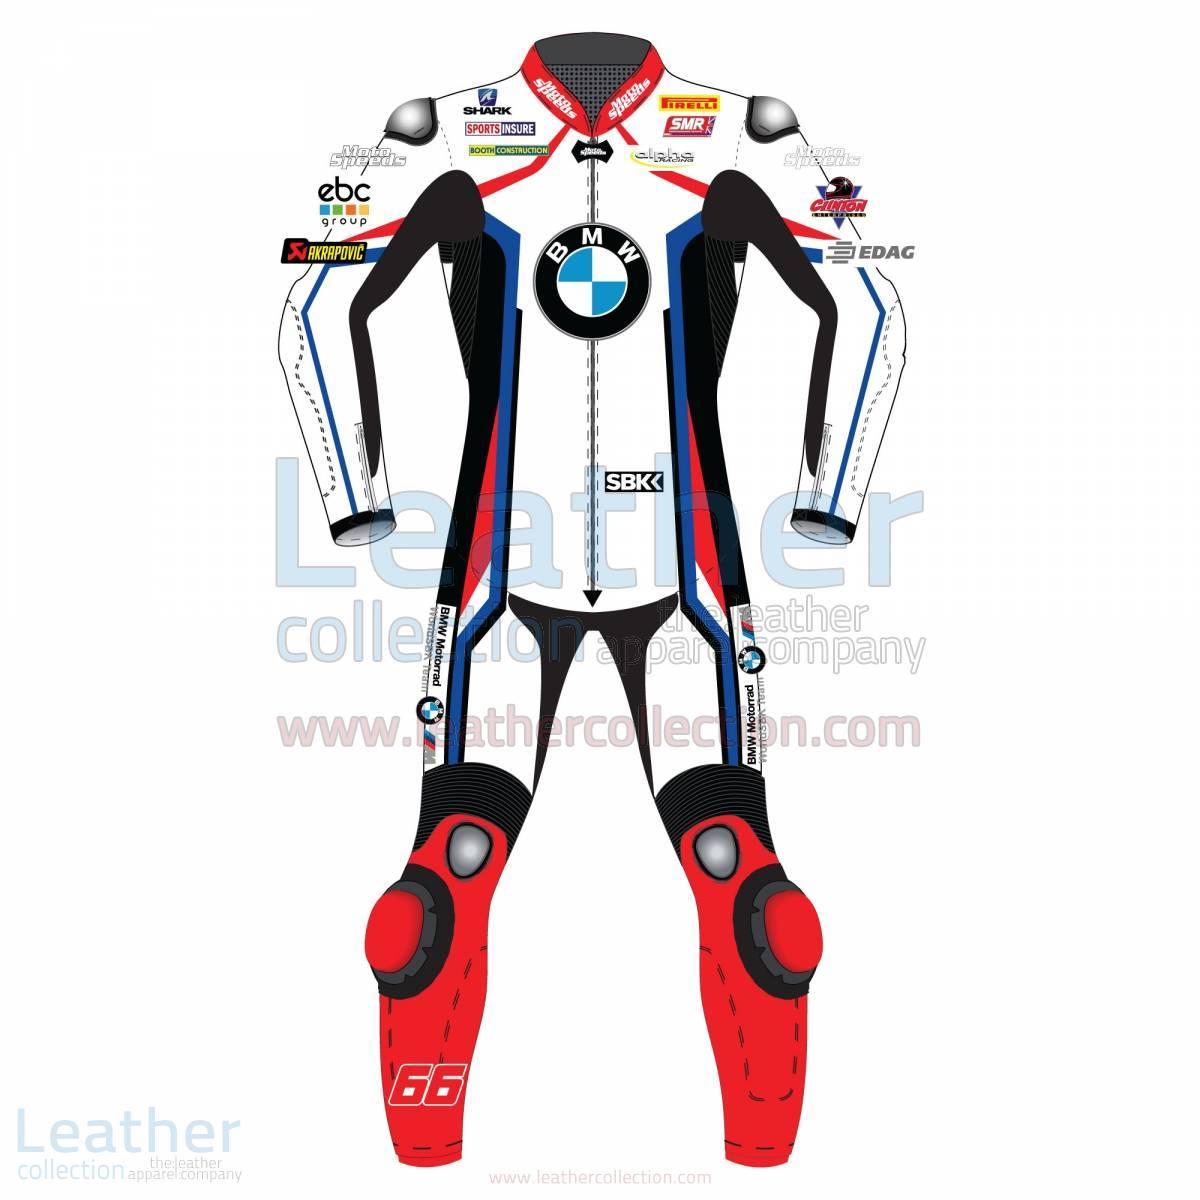 本物!・正規品【BMW motorrad】World Super Bike 2019 オフィシャル Tシャツ 紺 【M】(検:WSBK motoGP BMW S1000RR TOM SYKES )_画像9